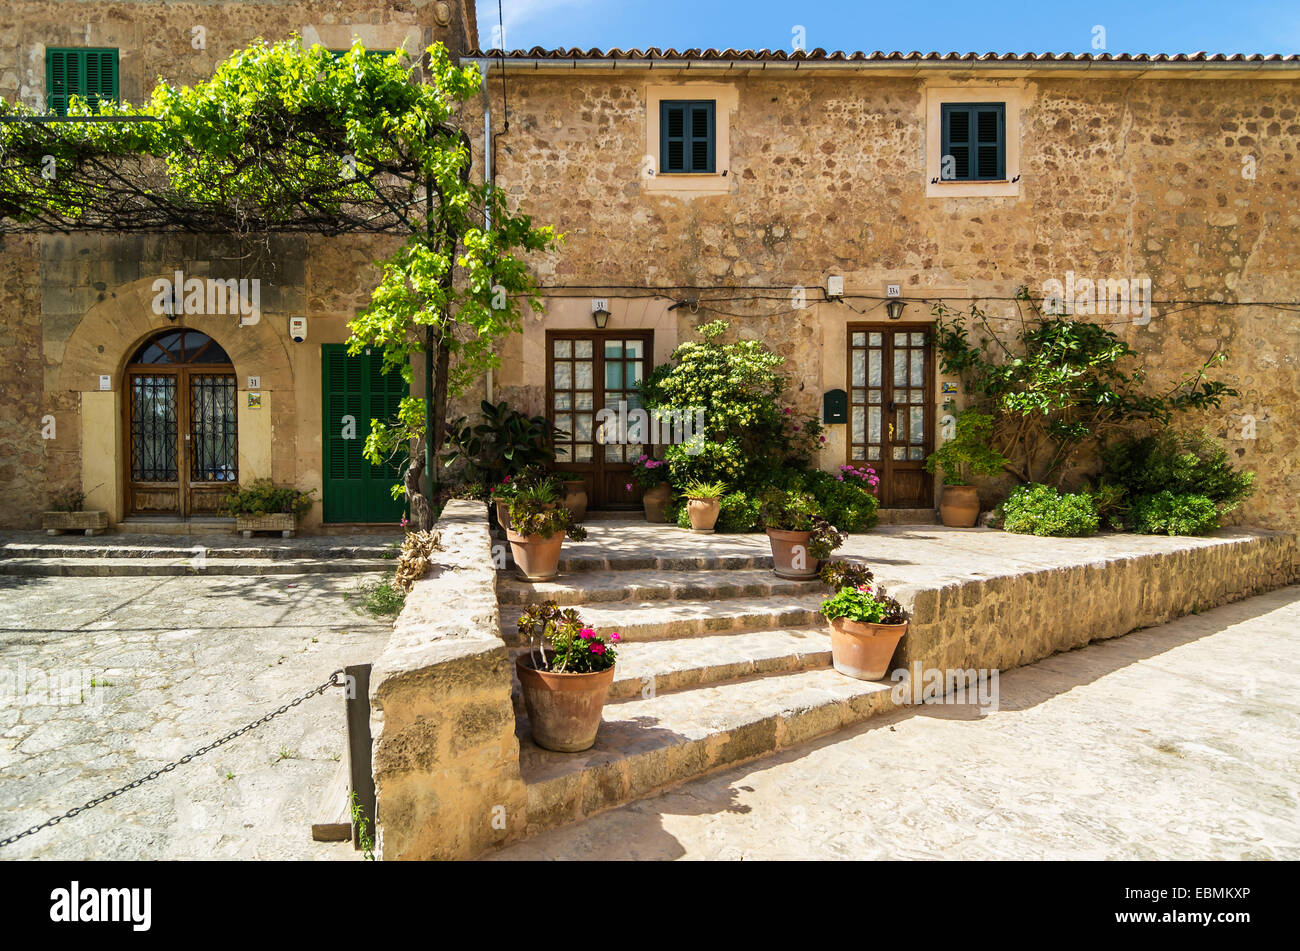 Blumengeschmückten Häuser Fronten, Valldemossa, Balearische Inseln, Spanien Stockbild